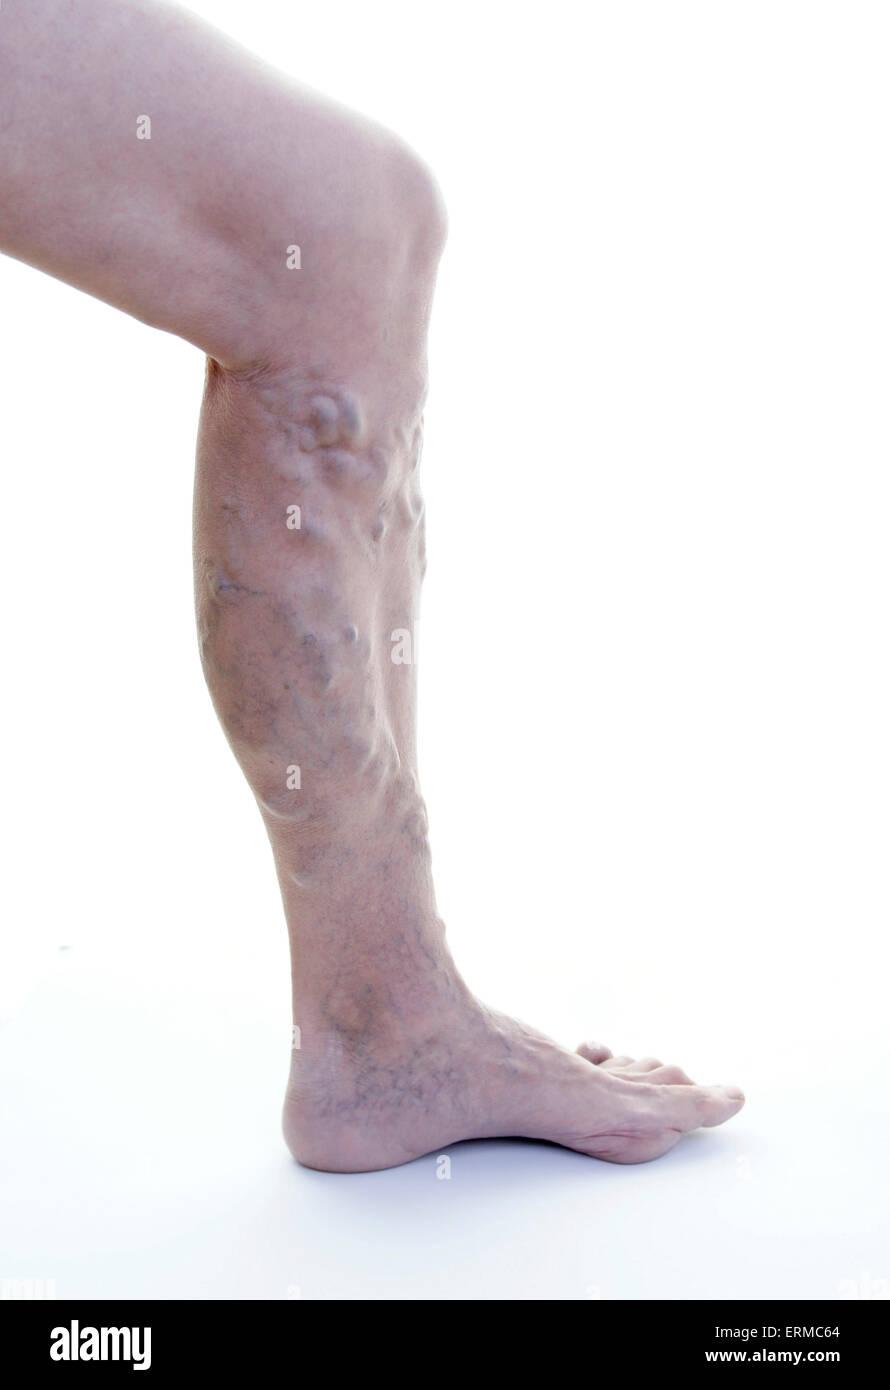 Krampfadern-Bein (weiblich, Alter: 68 Jahre) / Krampfadern Varizen ...